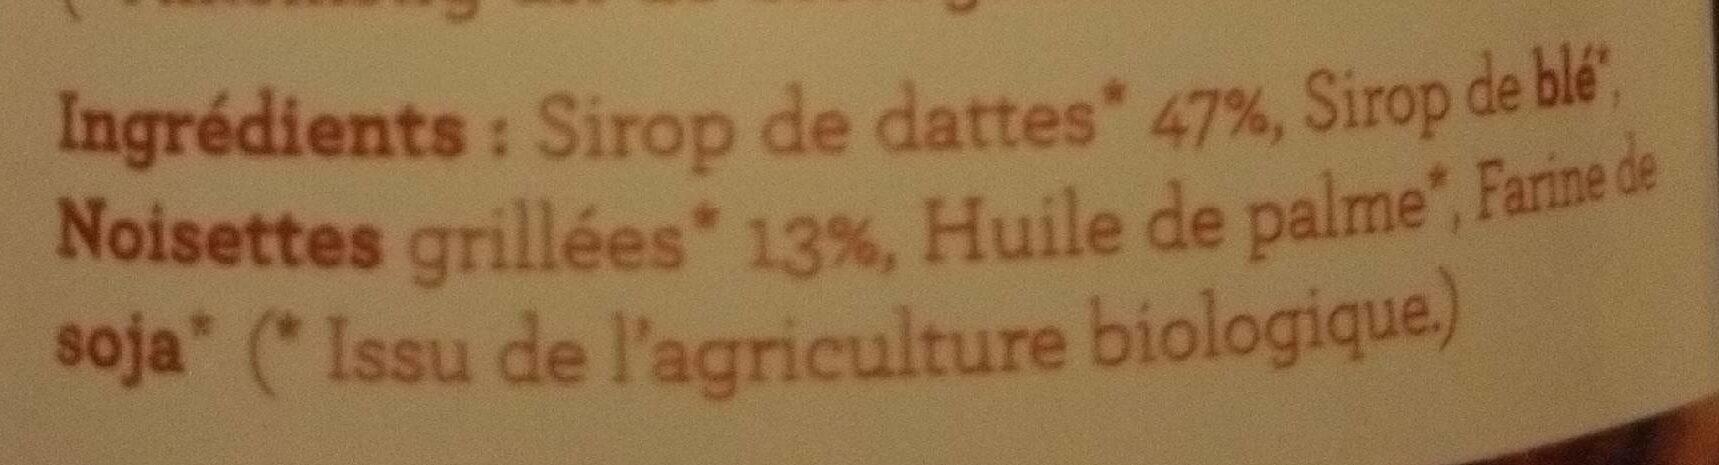 Pâte à targiner au sirop de dattes avec noisettes - Ingrediënten - fr